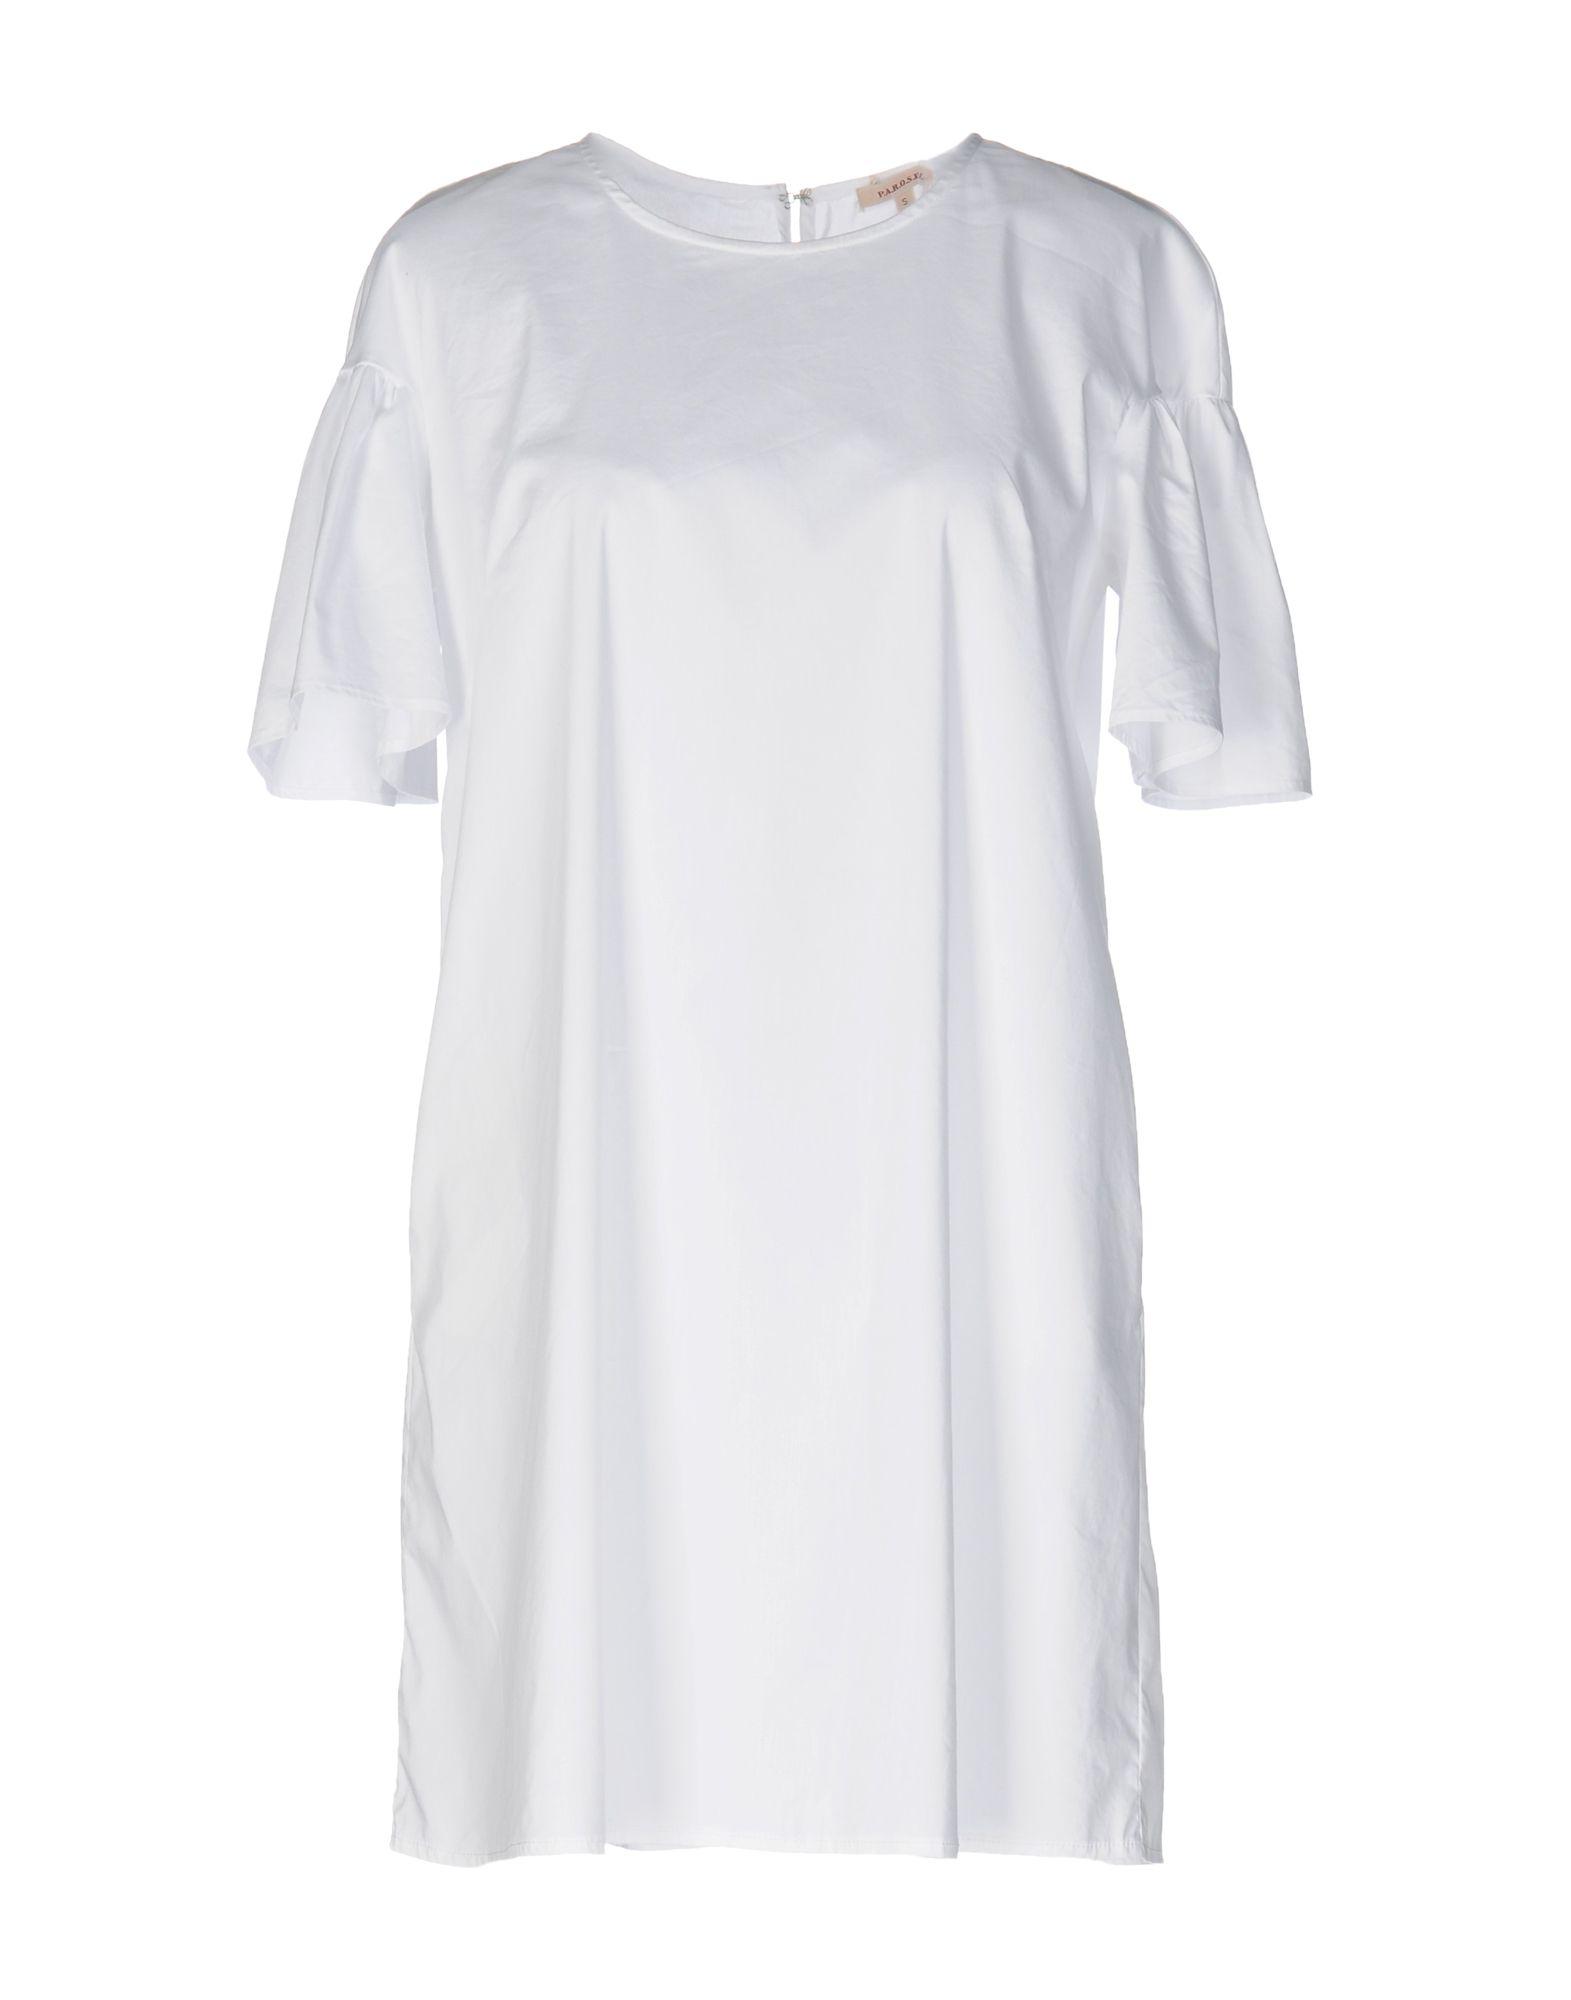 Vestito Corto P.A.R.O.S.H. Donna - Acquista online su aUW2ipxQK